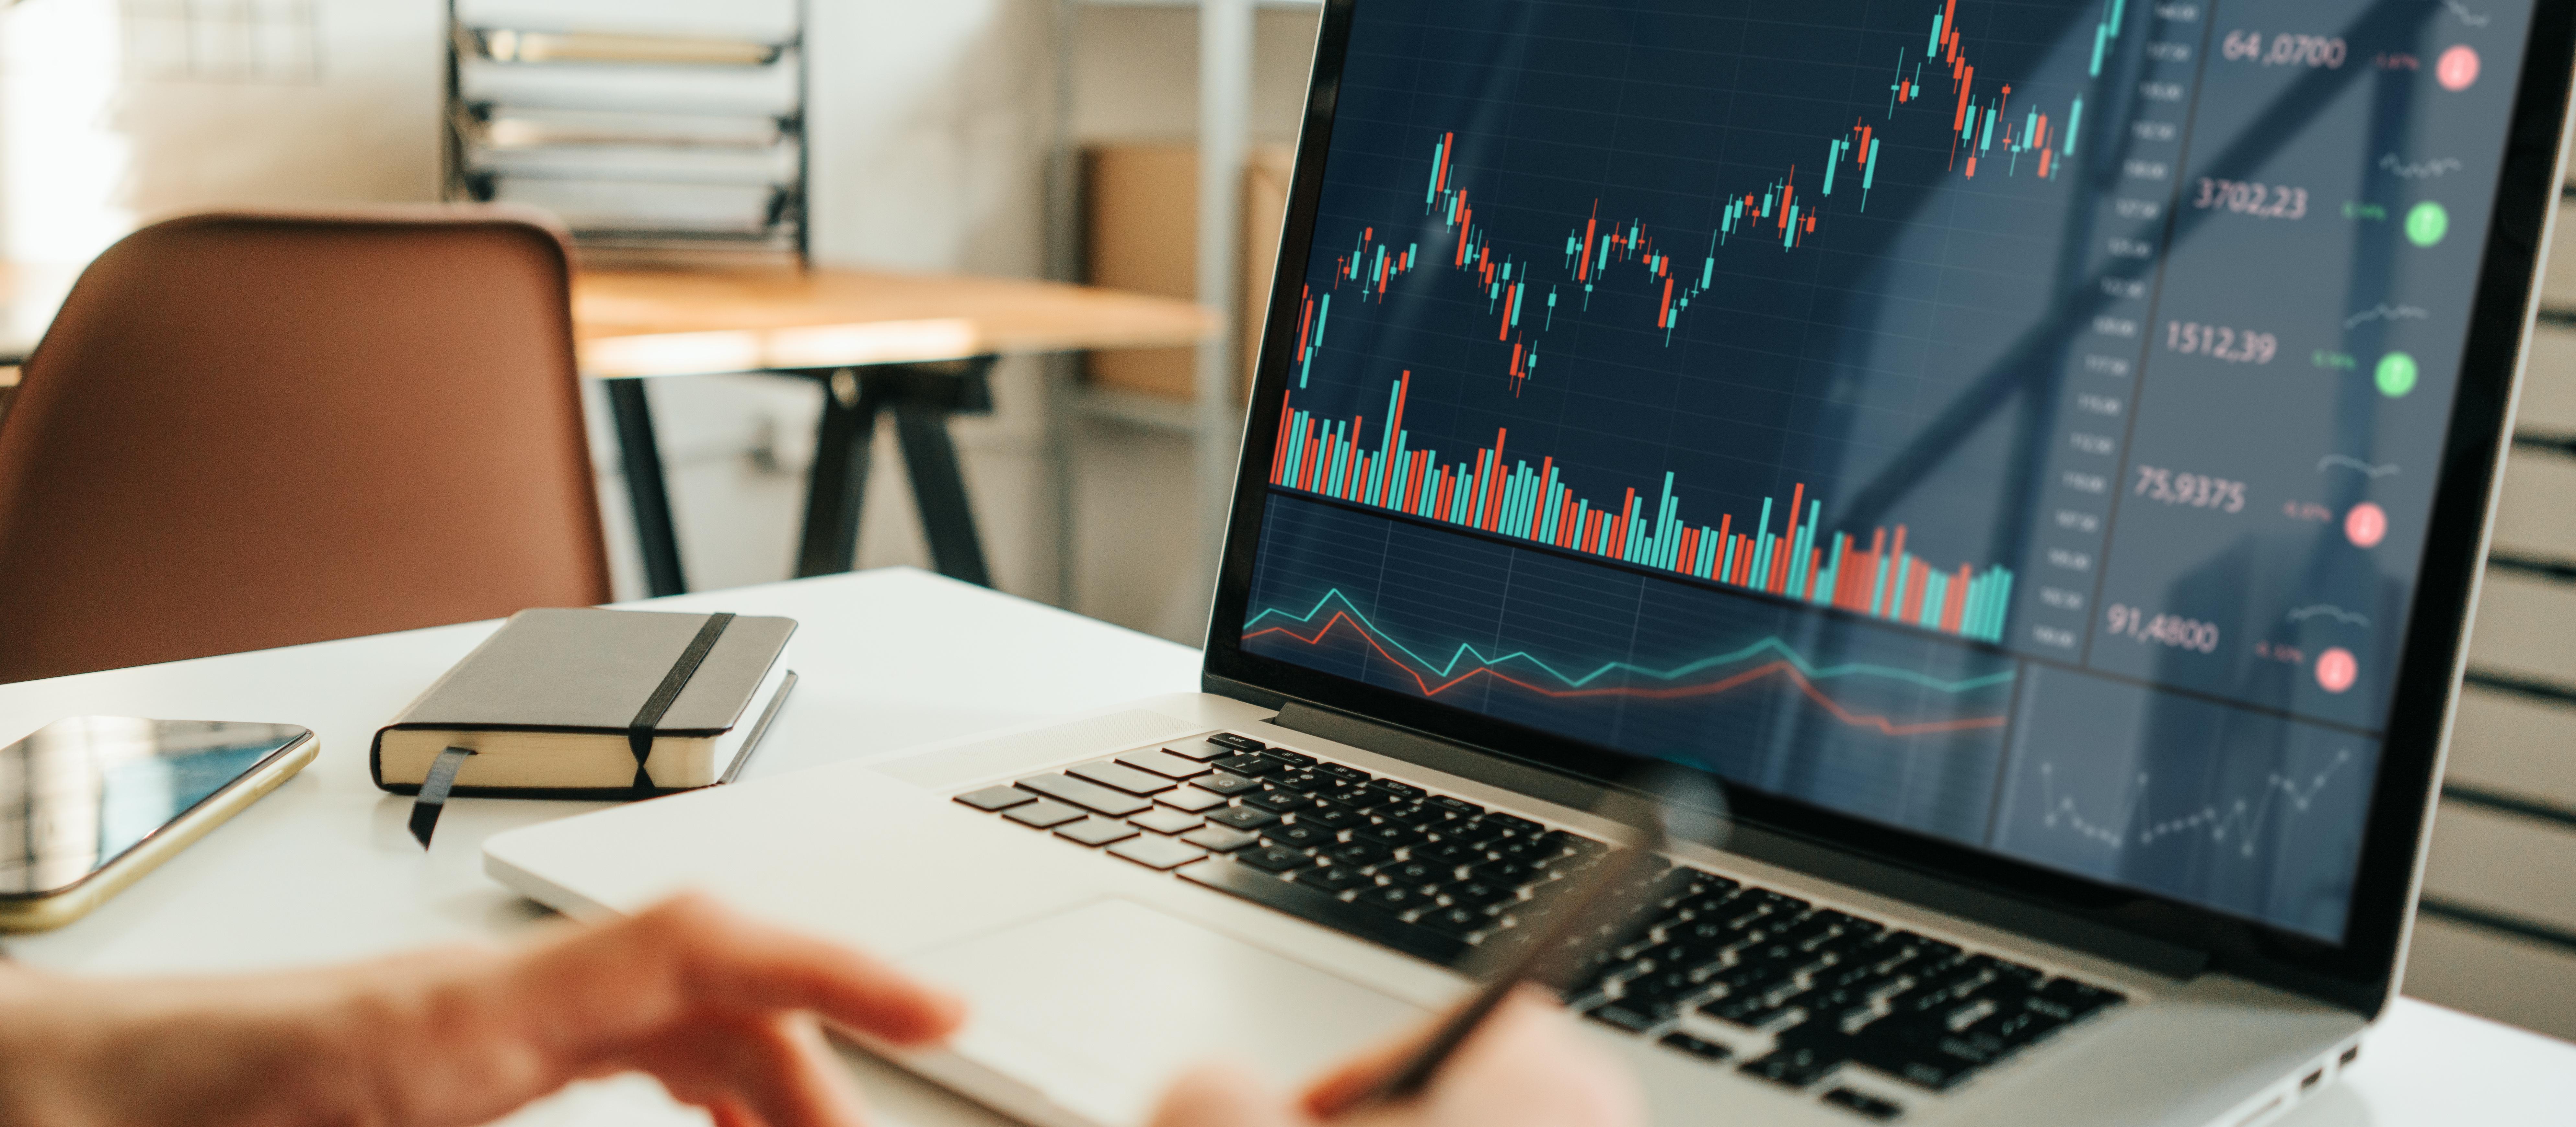 仮想通貨のチャートの見方とは?Tradeviewの使い方を初心者向けに解説